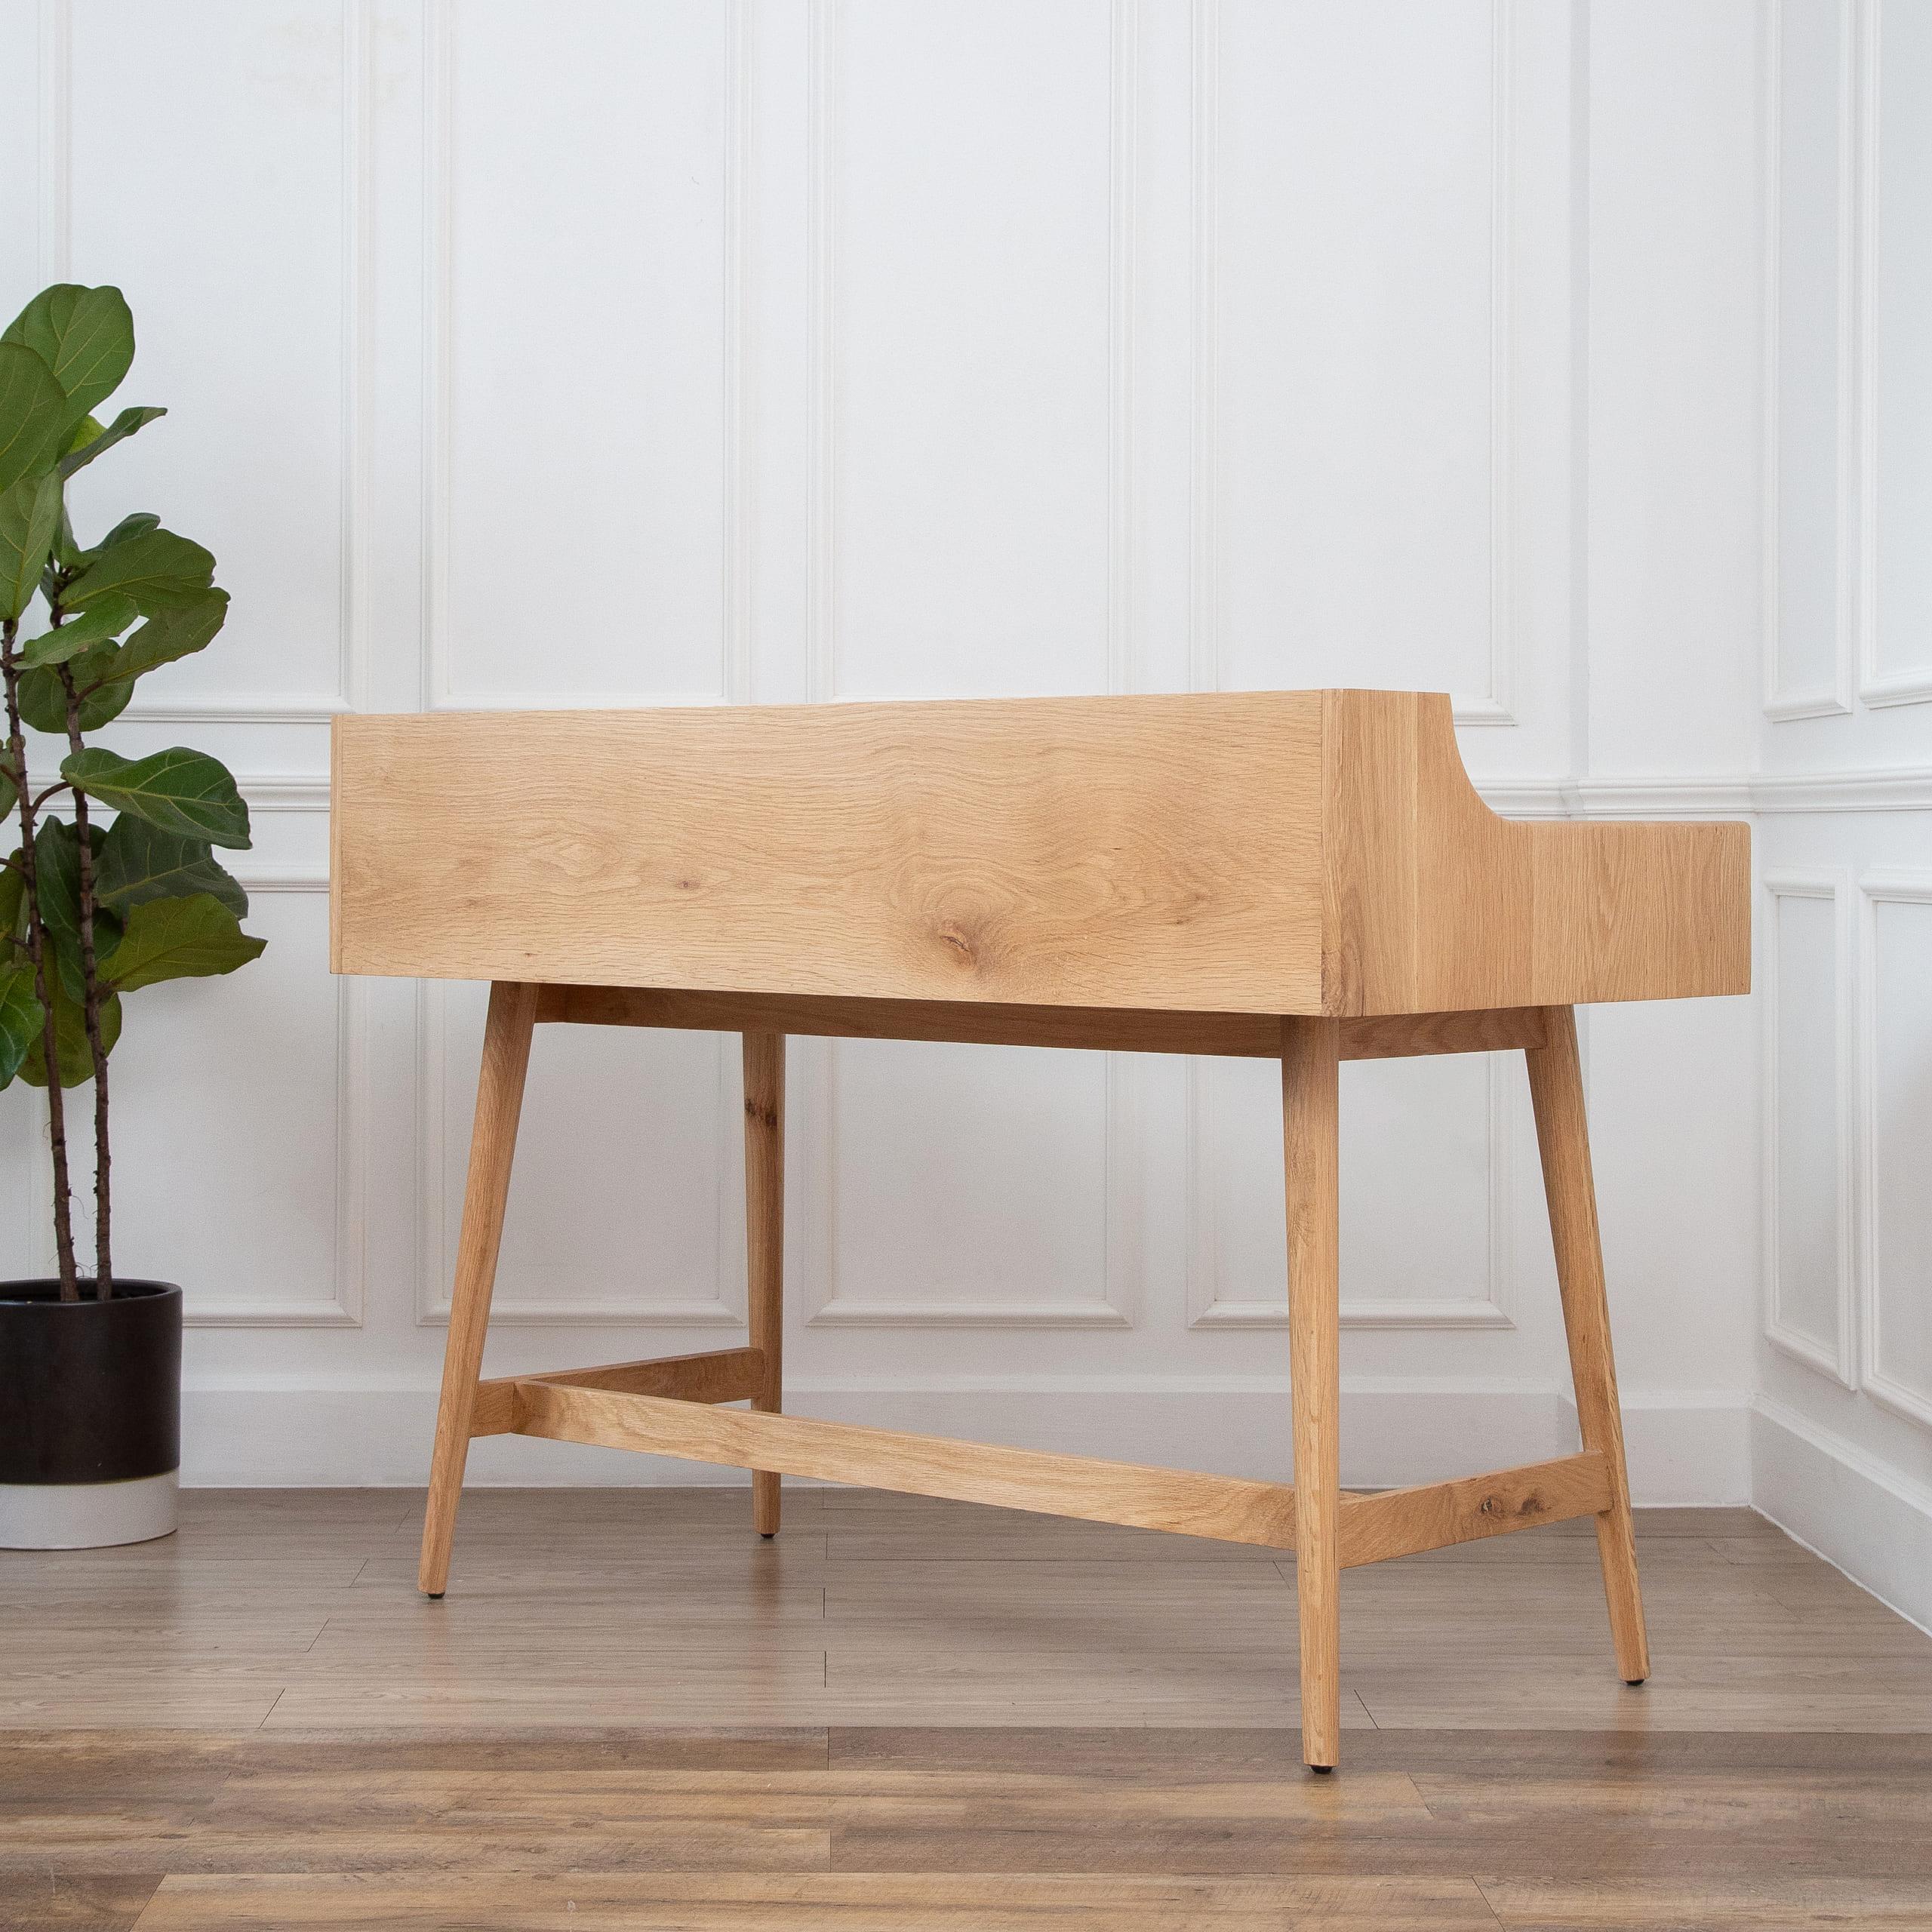 Chân bàn được thiết kế xéo đều 4 góc, cố định và cân bằng tốt nhờ các thanh nẹp gỗ xung quanh chân.